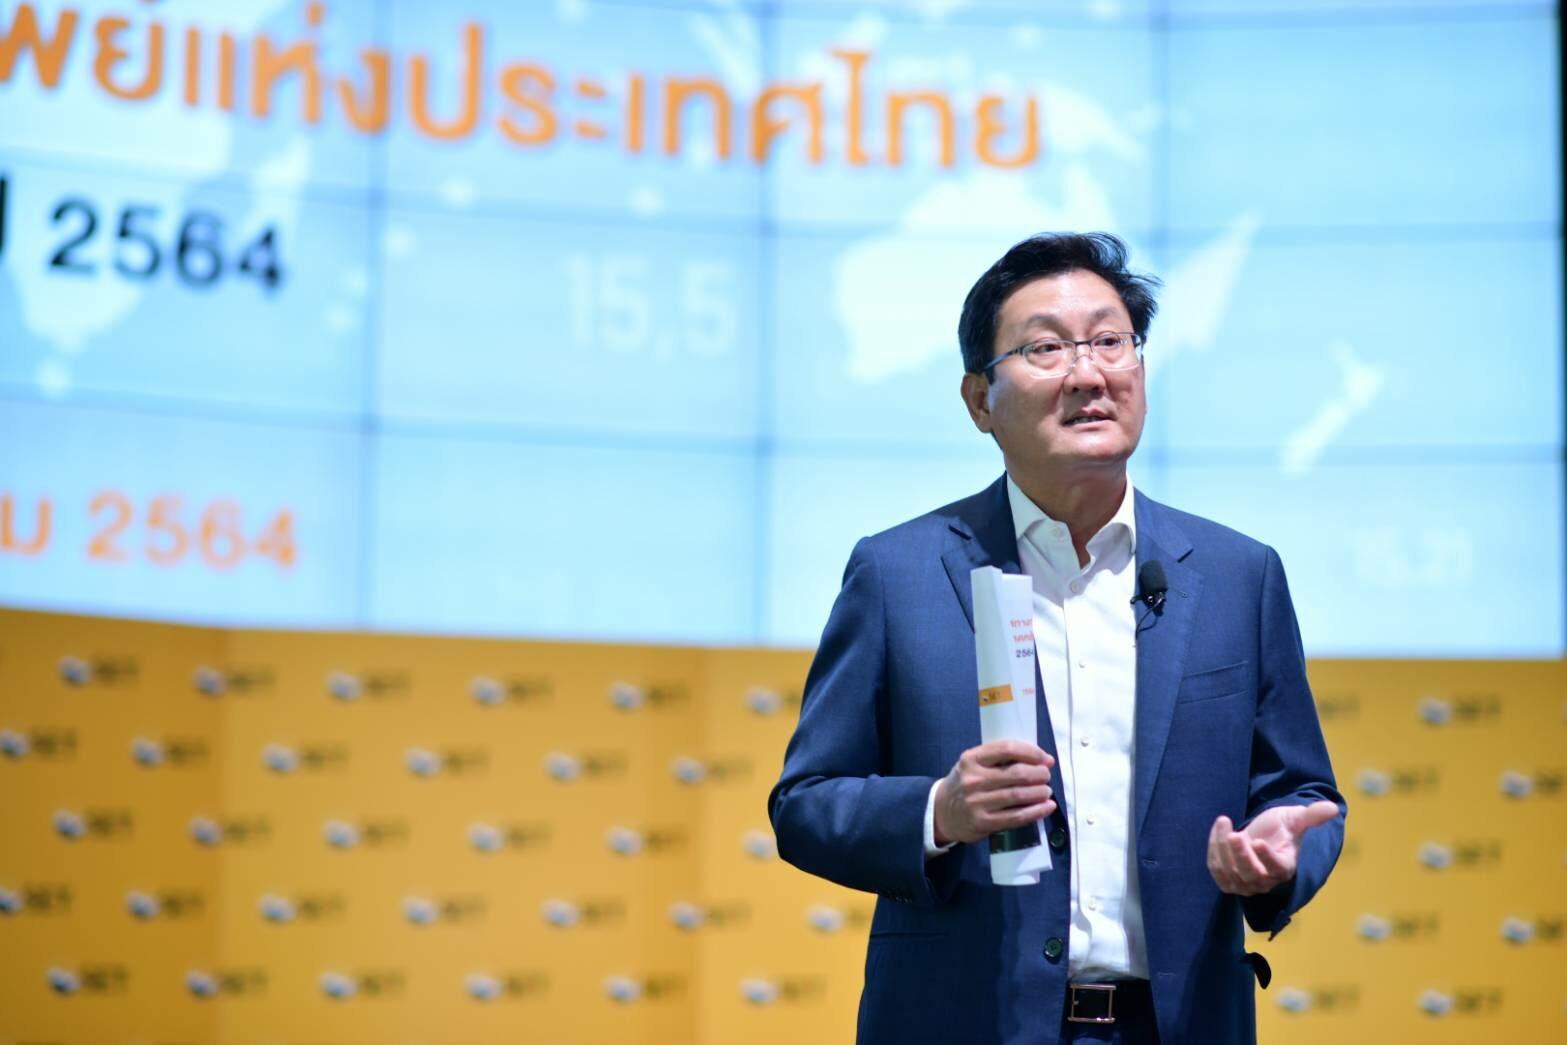 'ตลาดหลักทรัพย์ฯ' เปิดกลยุทธ์ขุบเคลื่อนตลาดทุนไทยปี 64-66 เดินหน้าสู่วิถีธุรกิจยุคใหม่